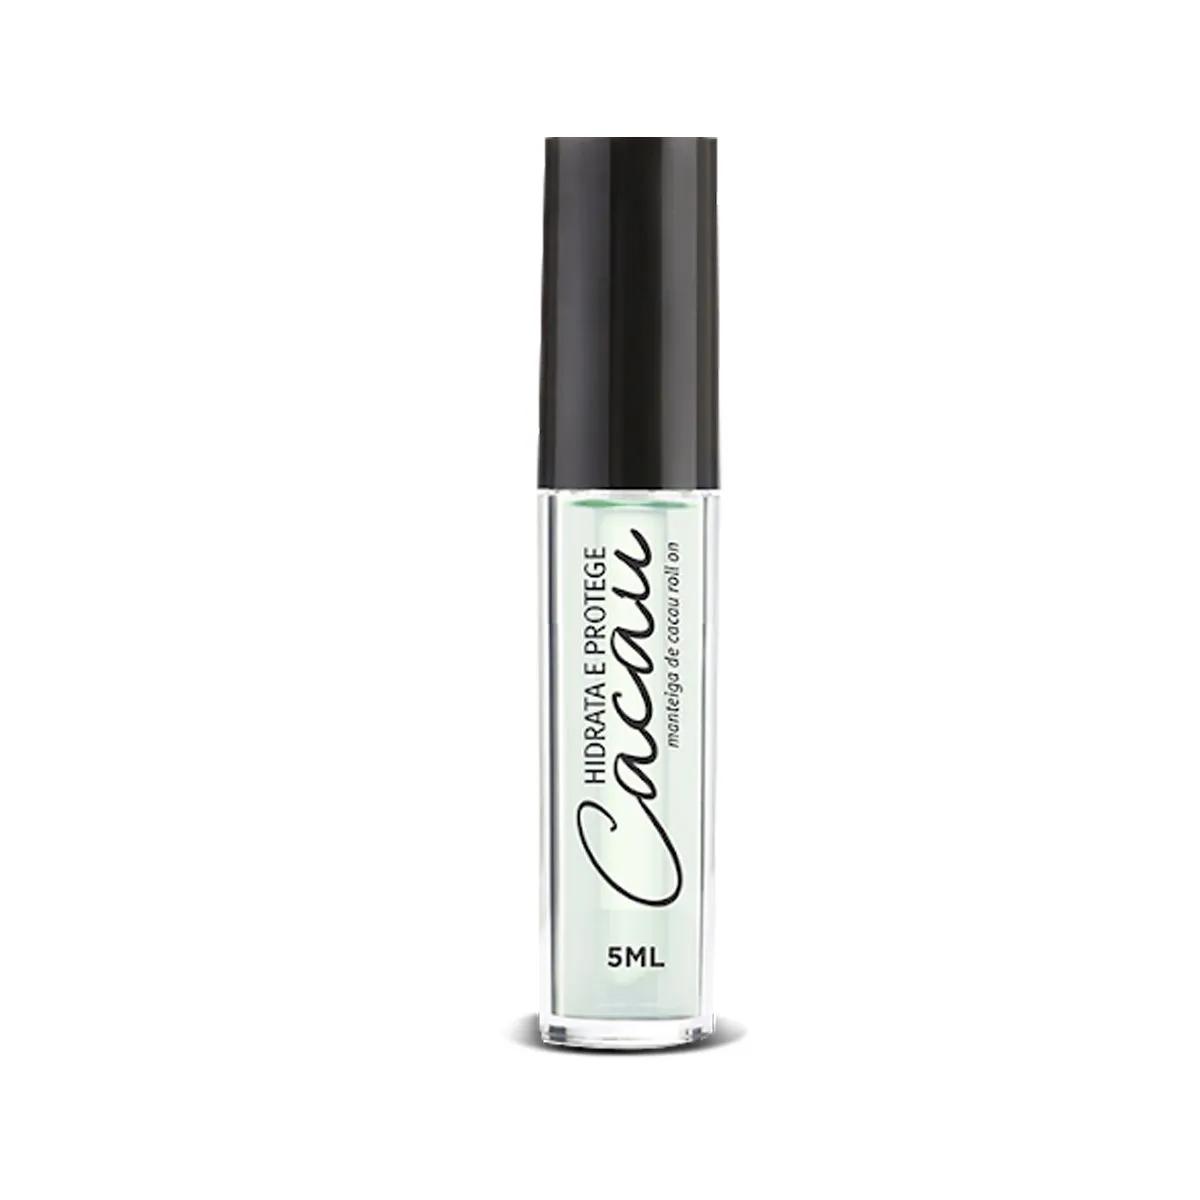 Manteiga de Cacau Roll On 5ml - ZiinZiin